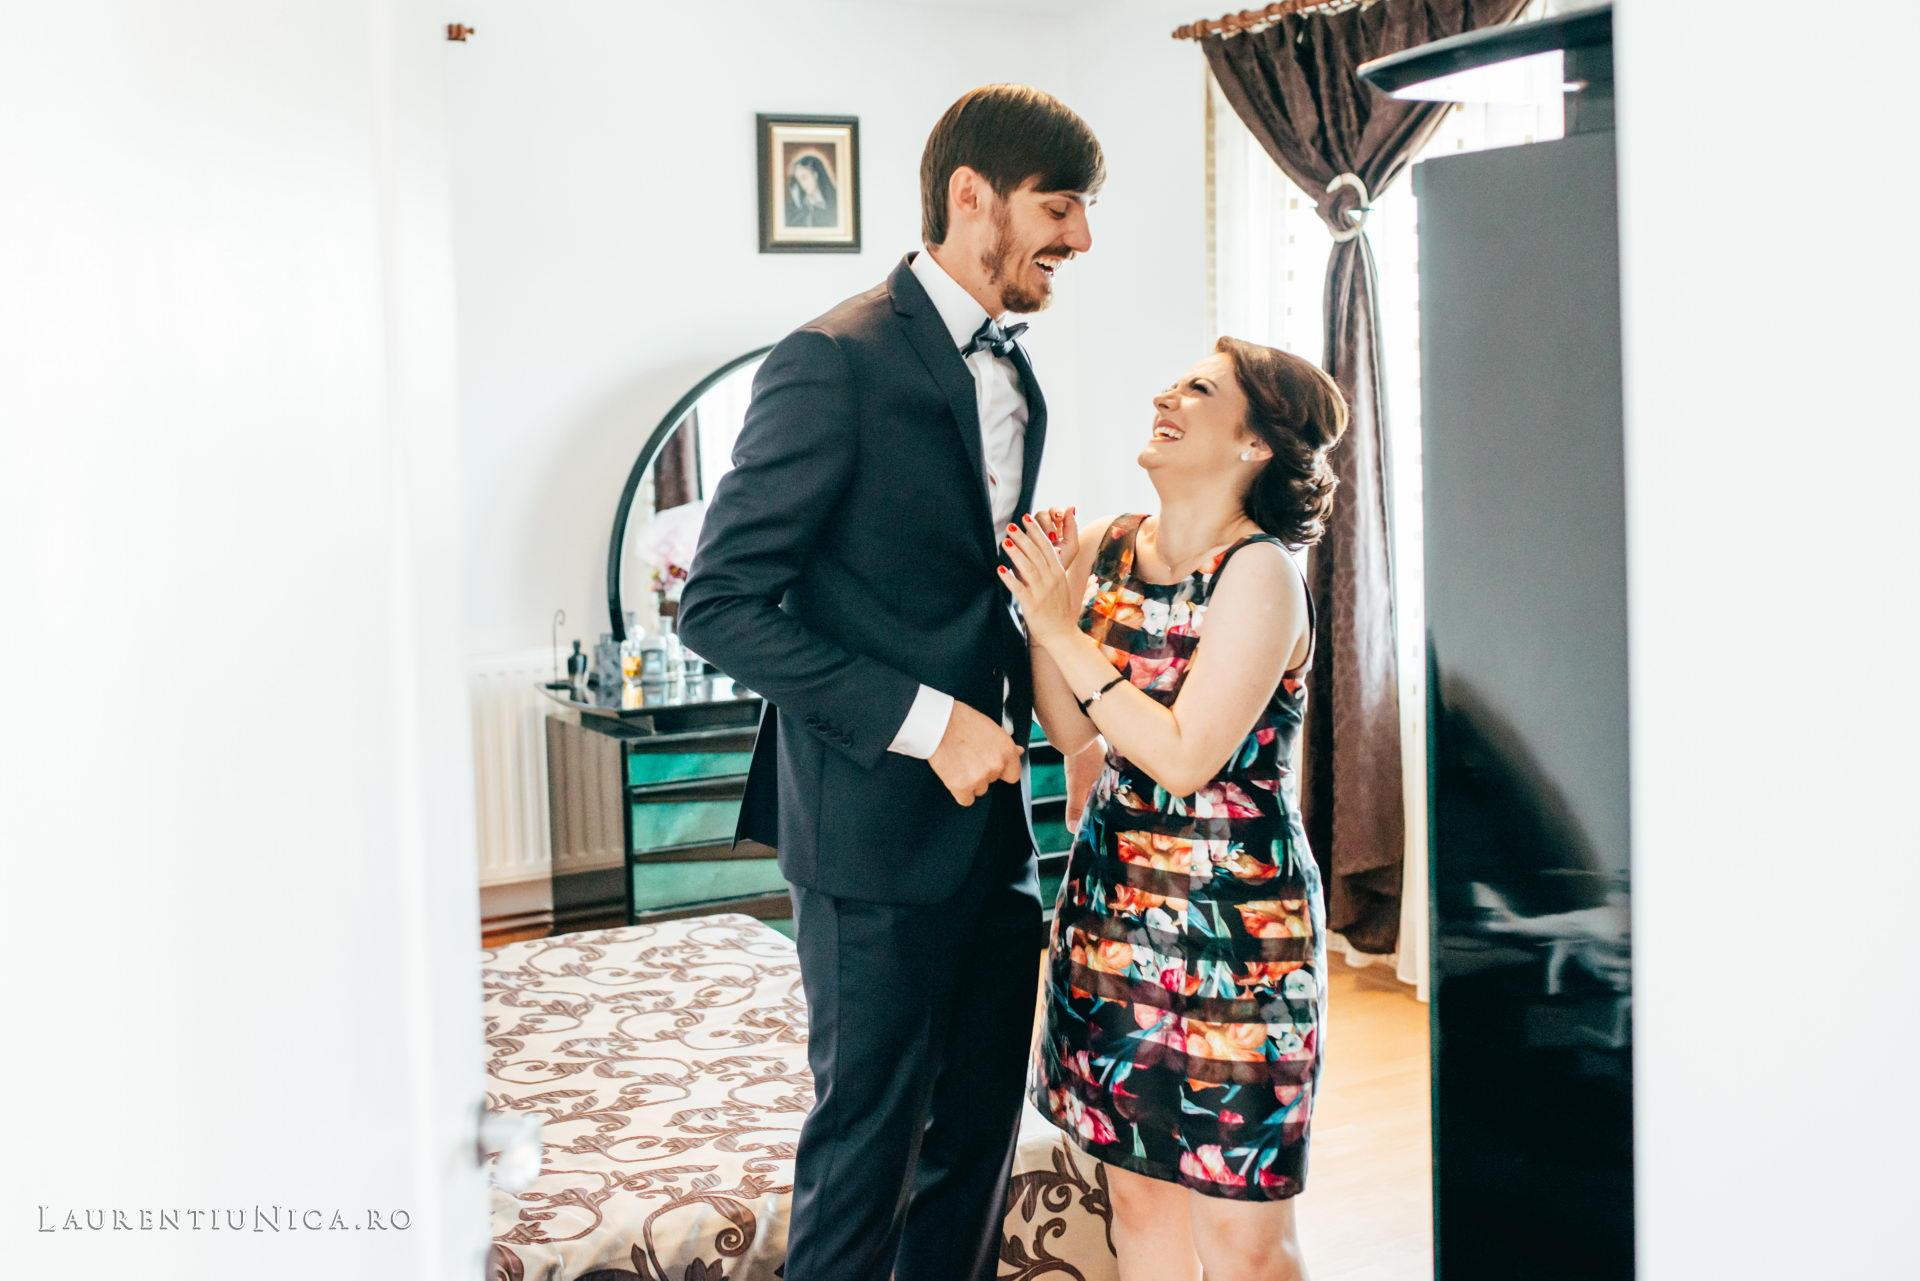 Cristina si Ovidiu nunta Craiova fotograf laurentiu nica 042 - Cristina & Ovidiu | Fotografii nunta | Craiova